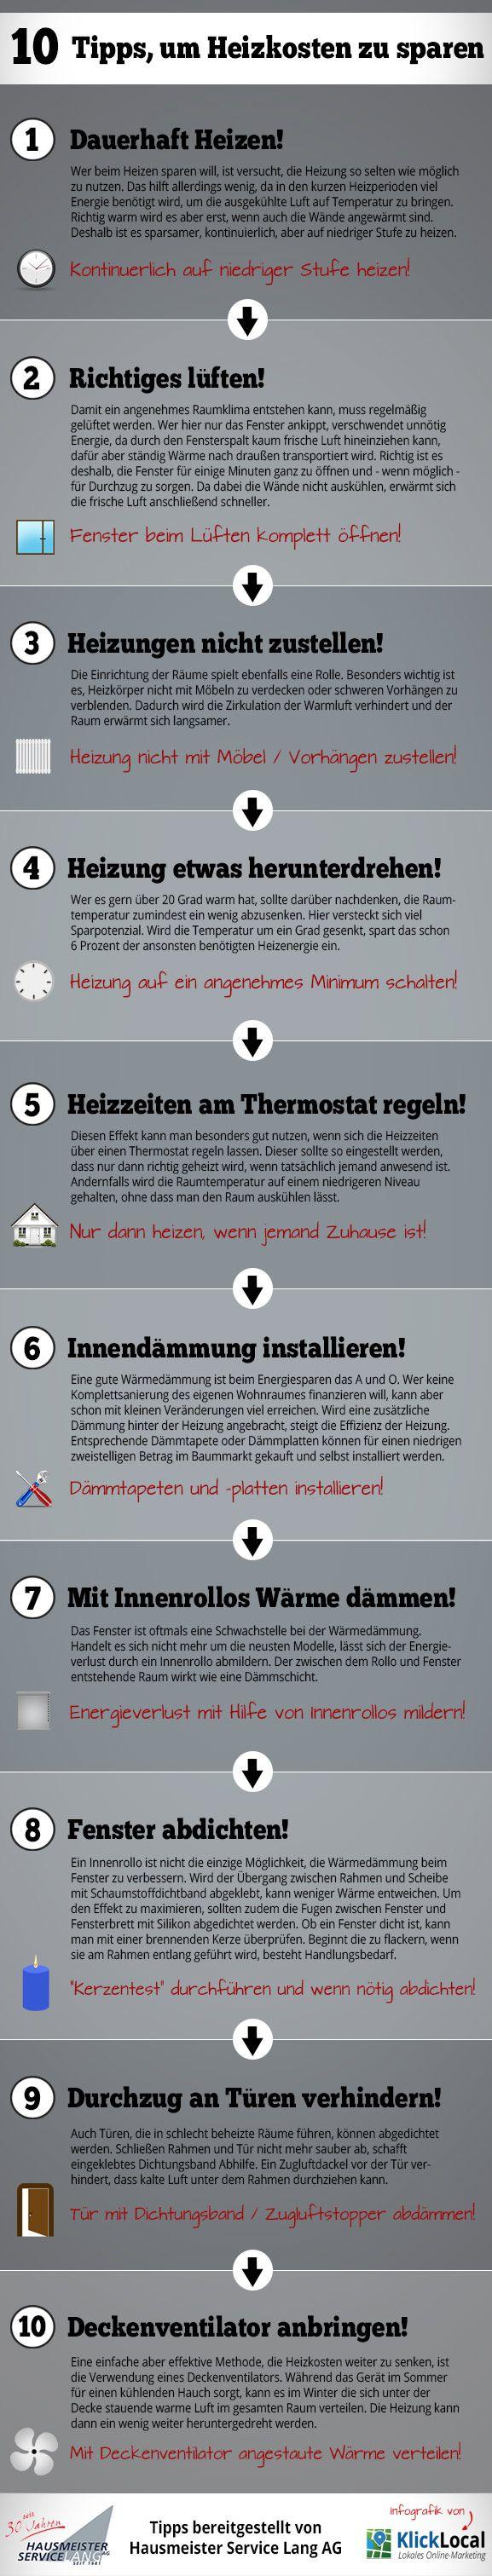 Infografik: 10 Tipps um Heizkosten zu sparen. Zu sehen auf: http://www.hms-lang-ag.de/10-tipps-heizkosten-sparen